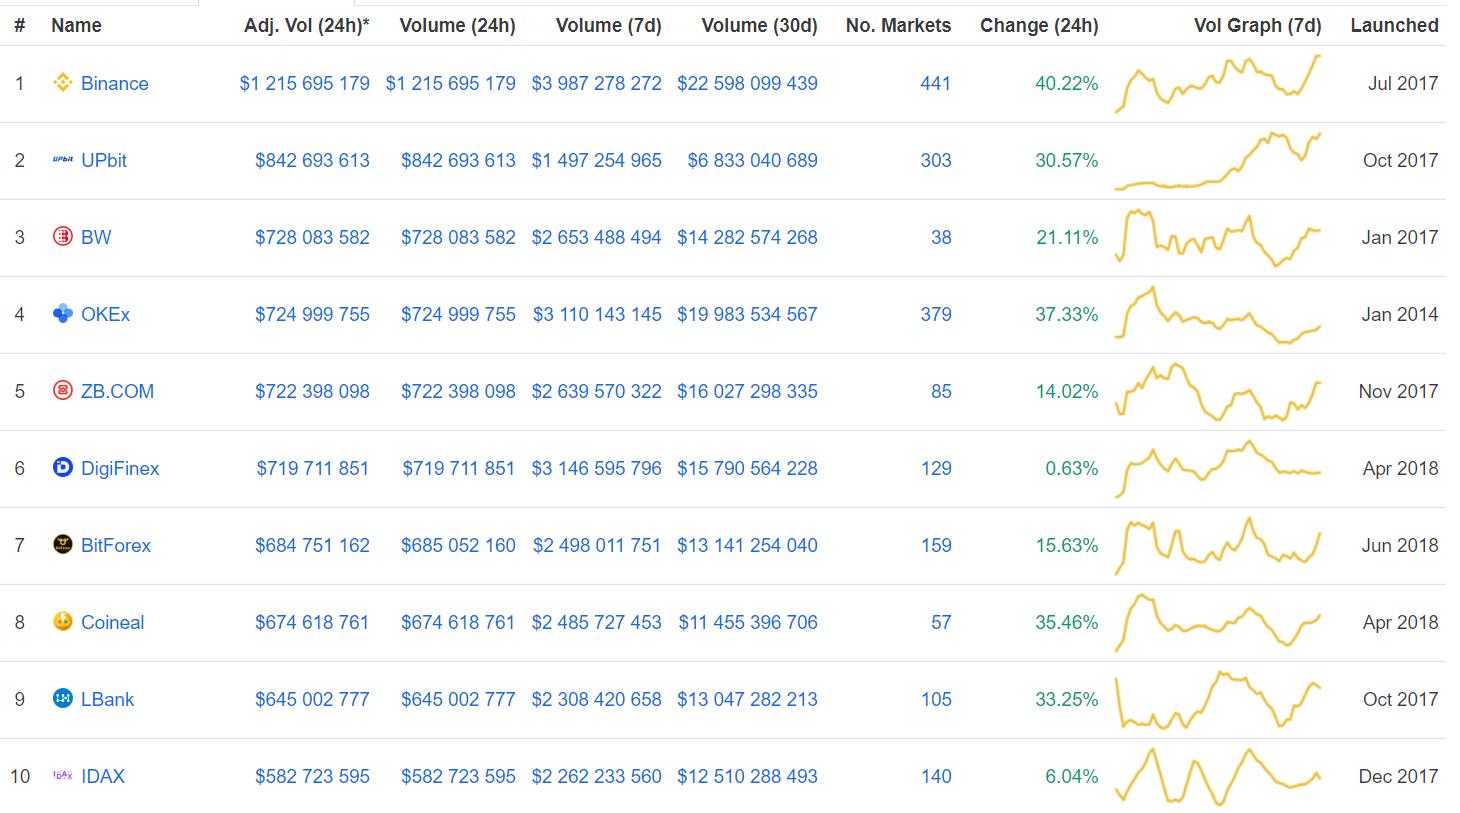 Топ-10 криптовалют демонстрируют негативную тенденцию